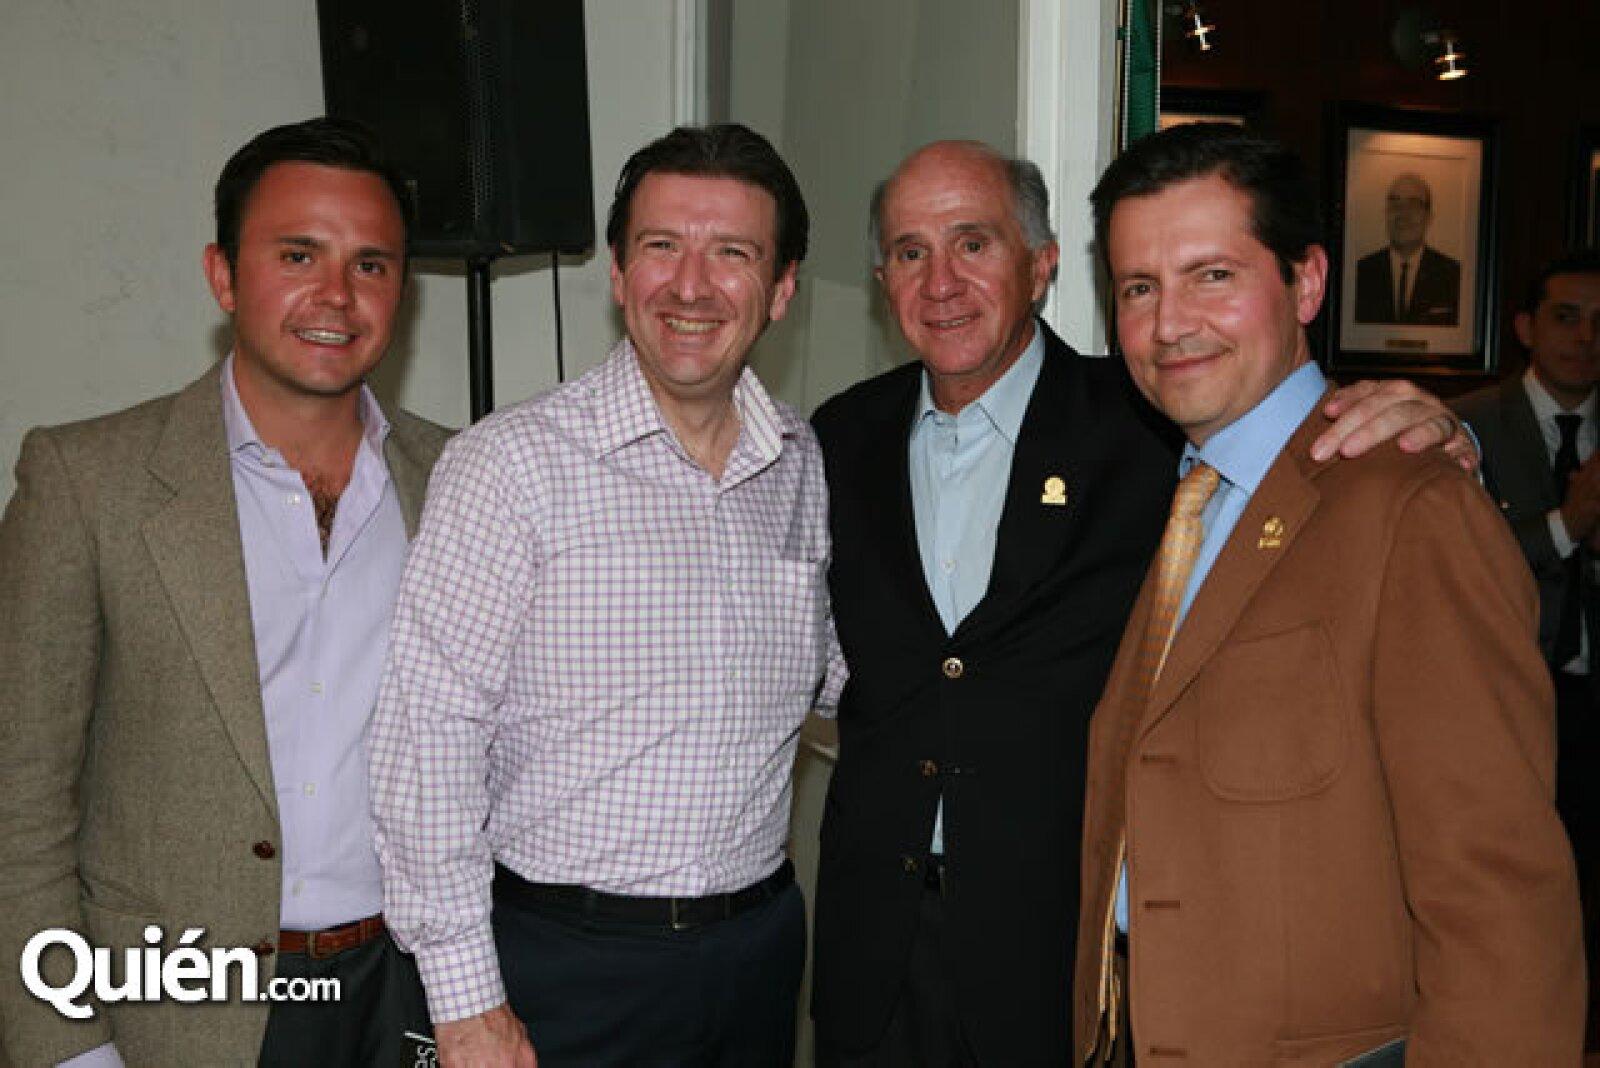 Francisco Mijares, Paolo Pagnozz, Francisco Mijares y Federico Fernández Quiroz